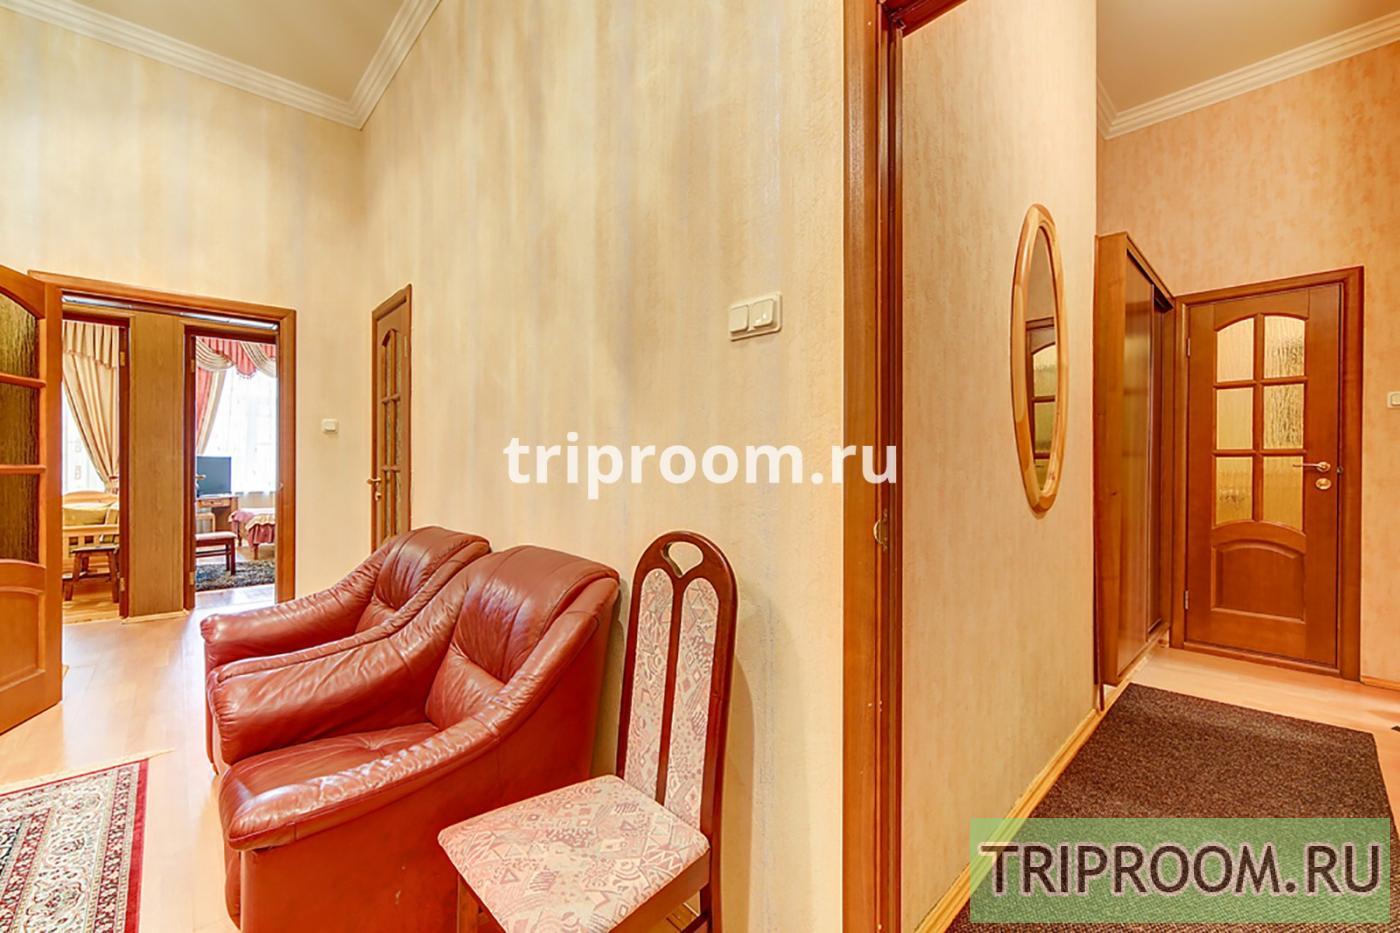 4-комнатная квартира посуточно (вариант № 20160), ул. Реки Мойки набережная, фото № 26